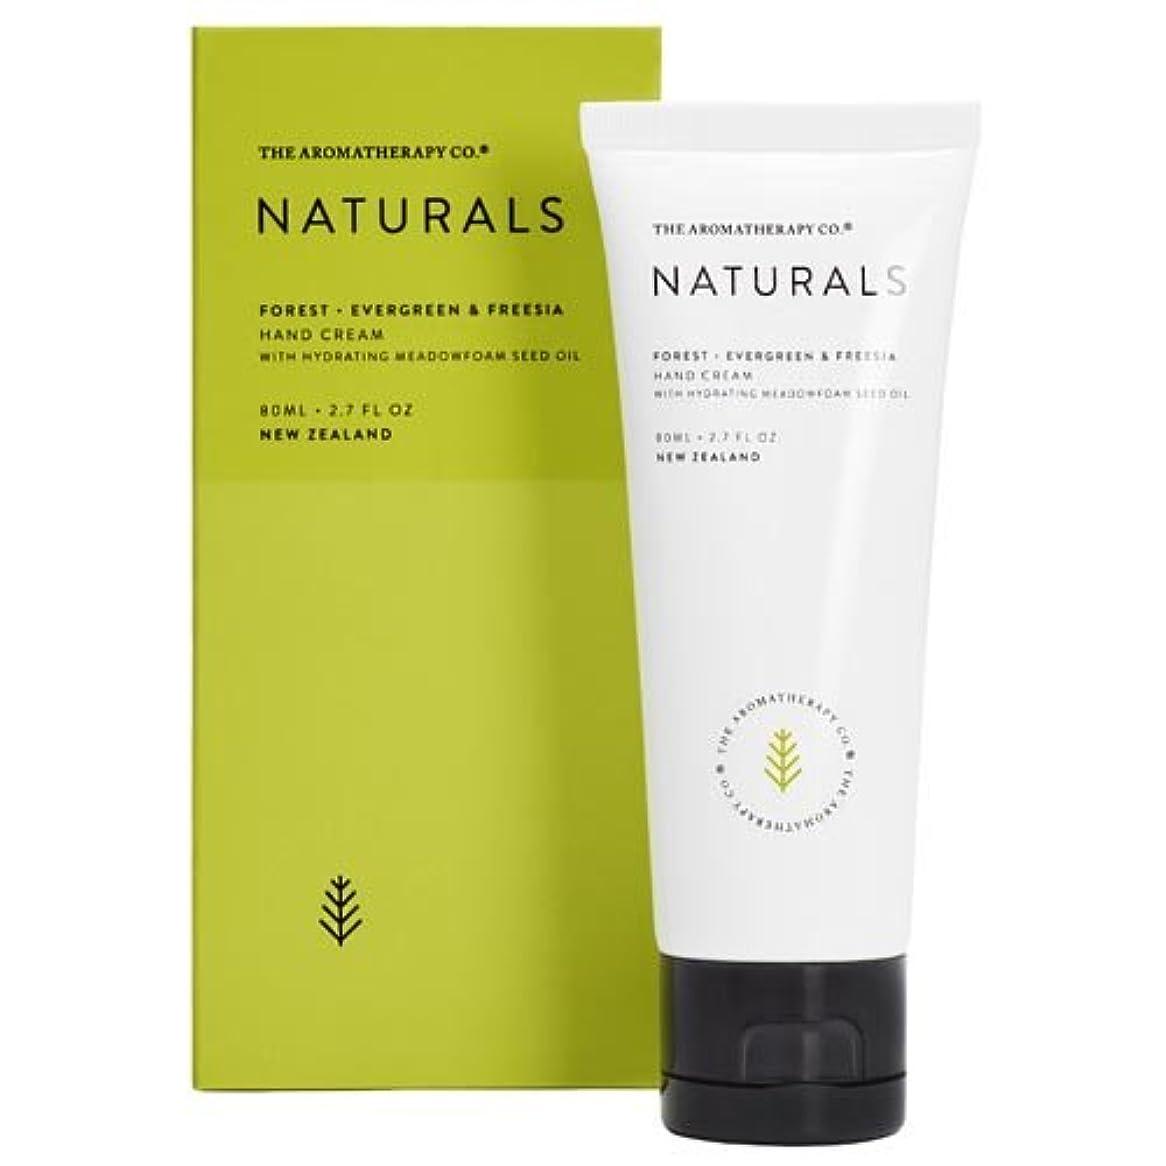 追い出す自分の力ですべてをするドリンクnew NATURALS ナチュラルズ Hand Cream ハンドクリーム Forest フォレスト(森林)Evergreen & Freesia エバーグリーン&フリージア